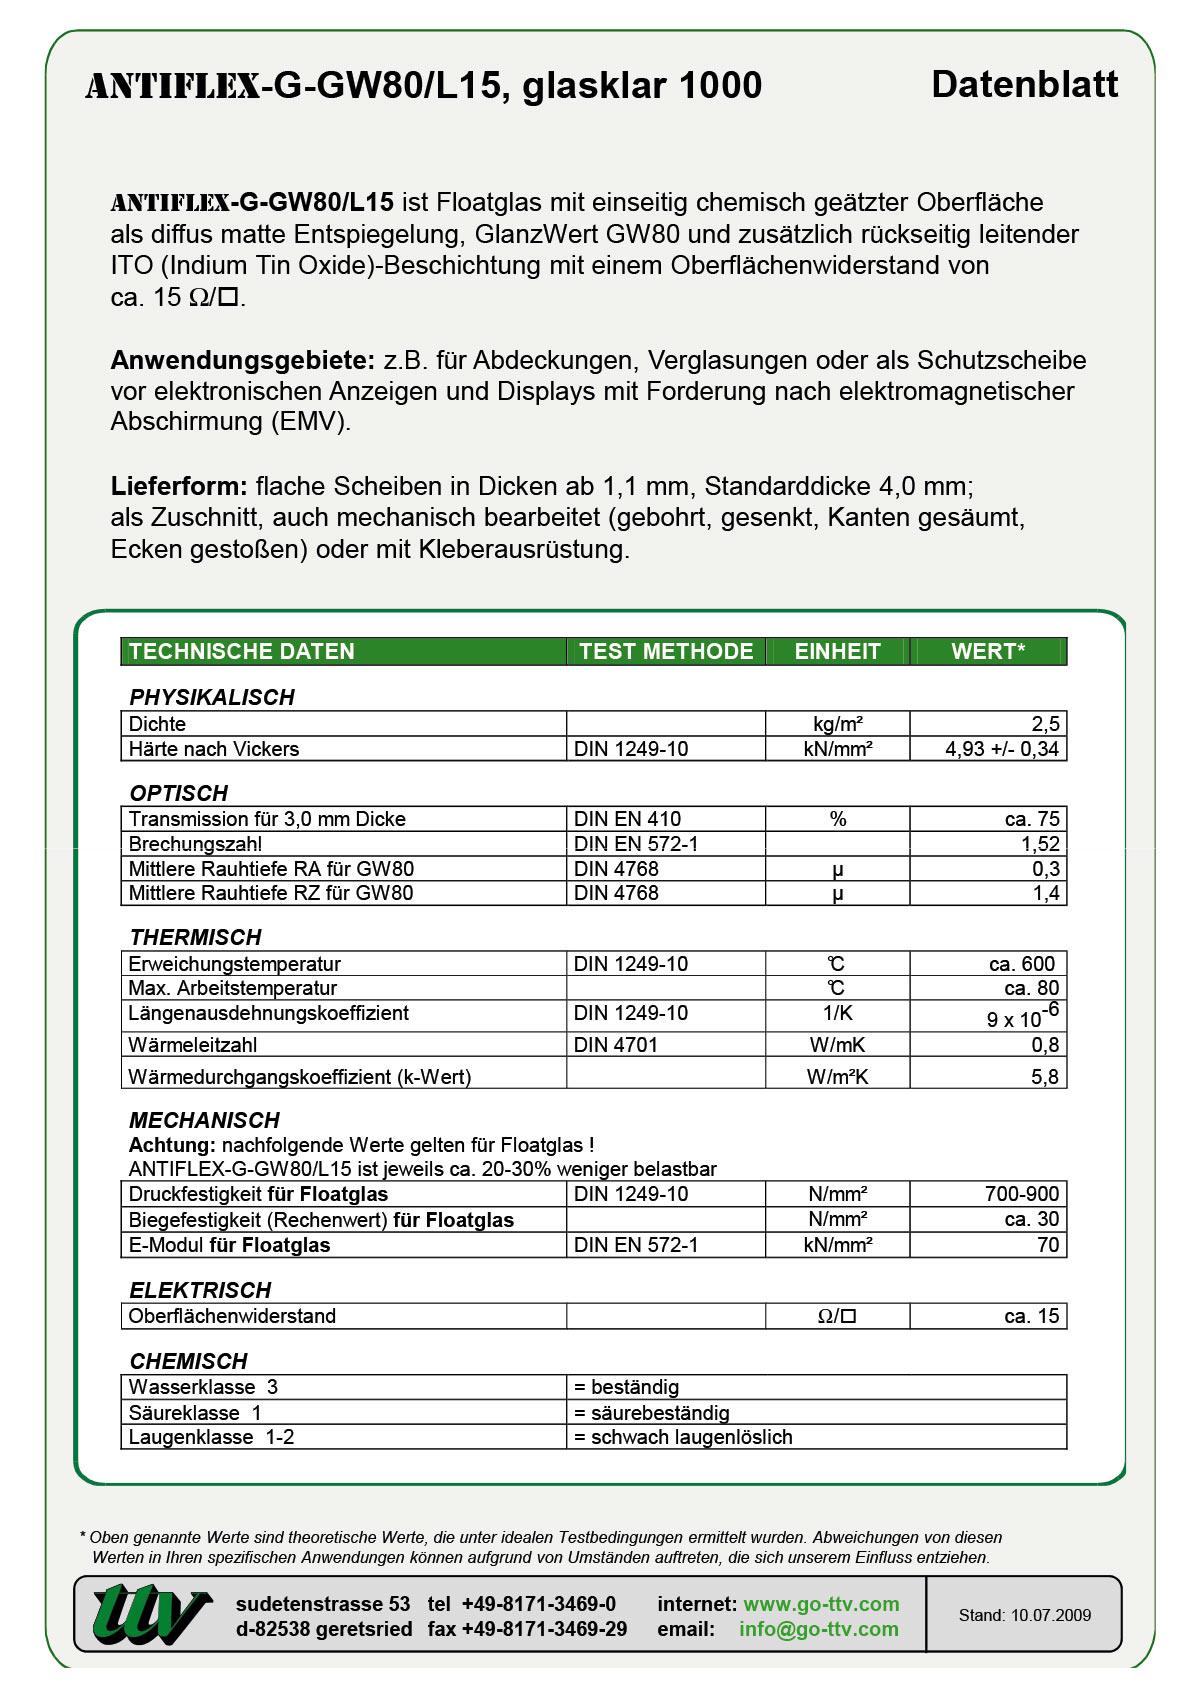 ANTIFLEX-G-GW80/L15 Datenblatt